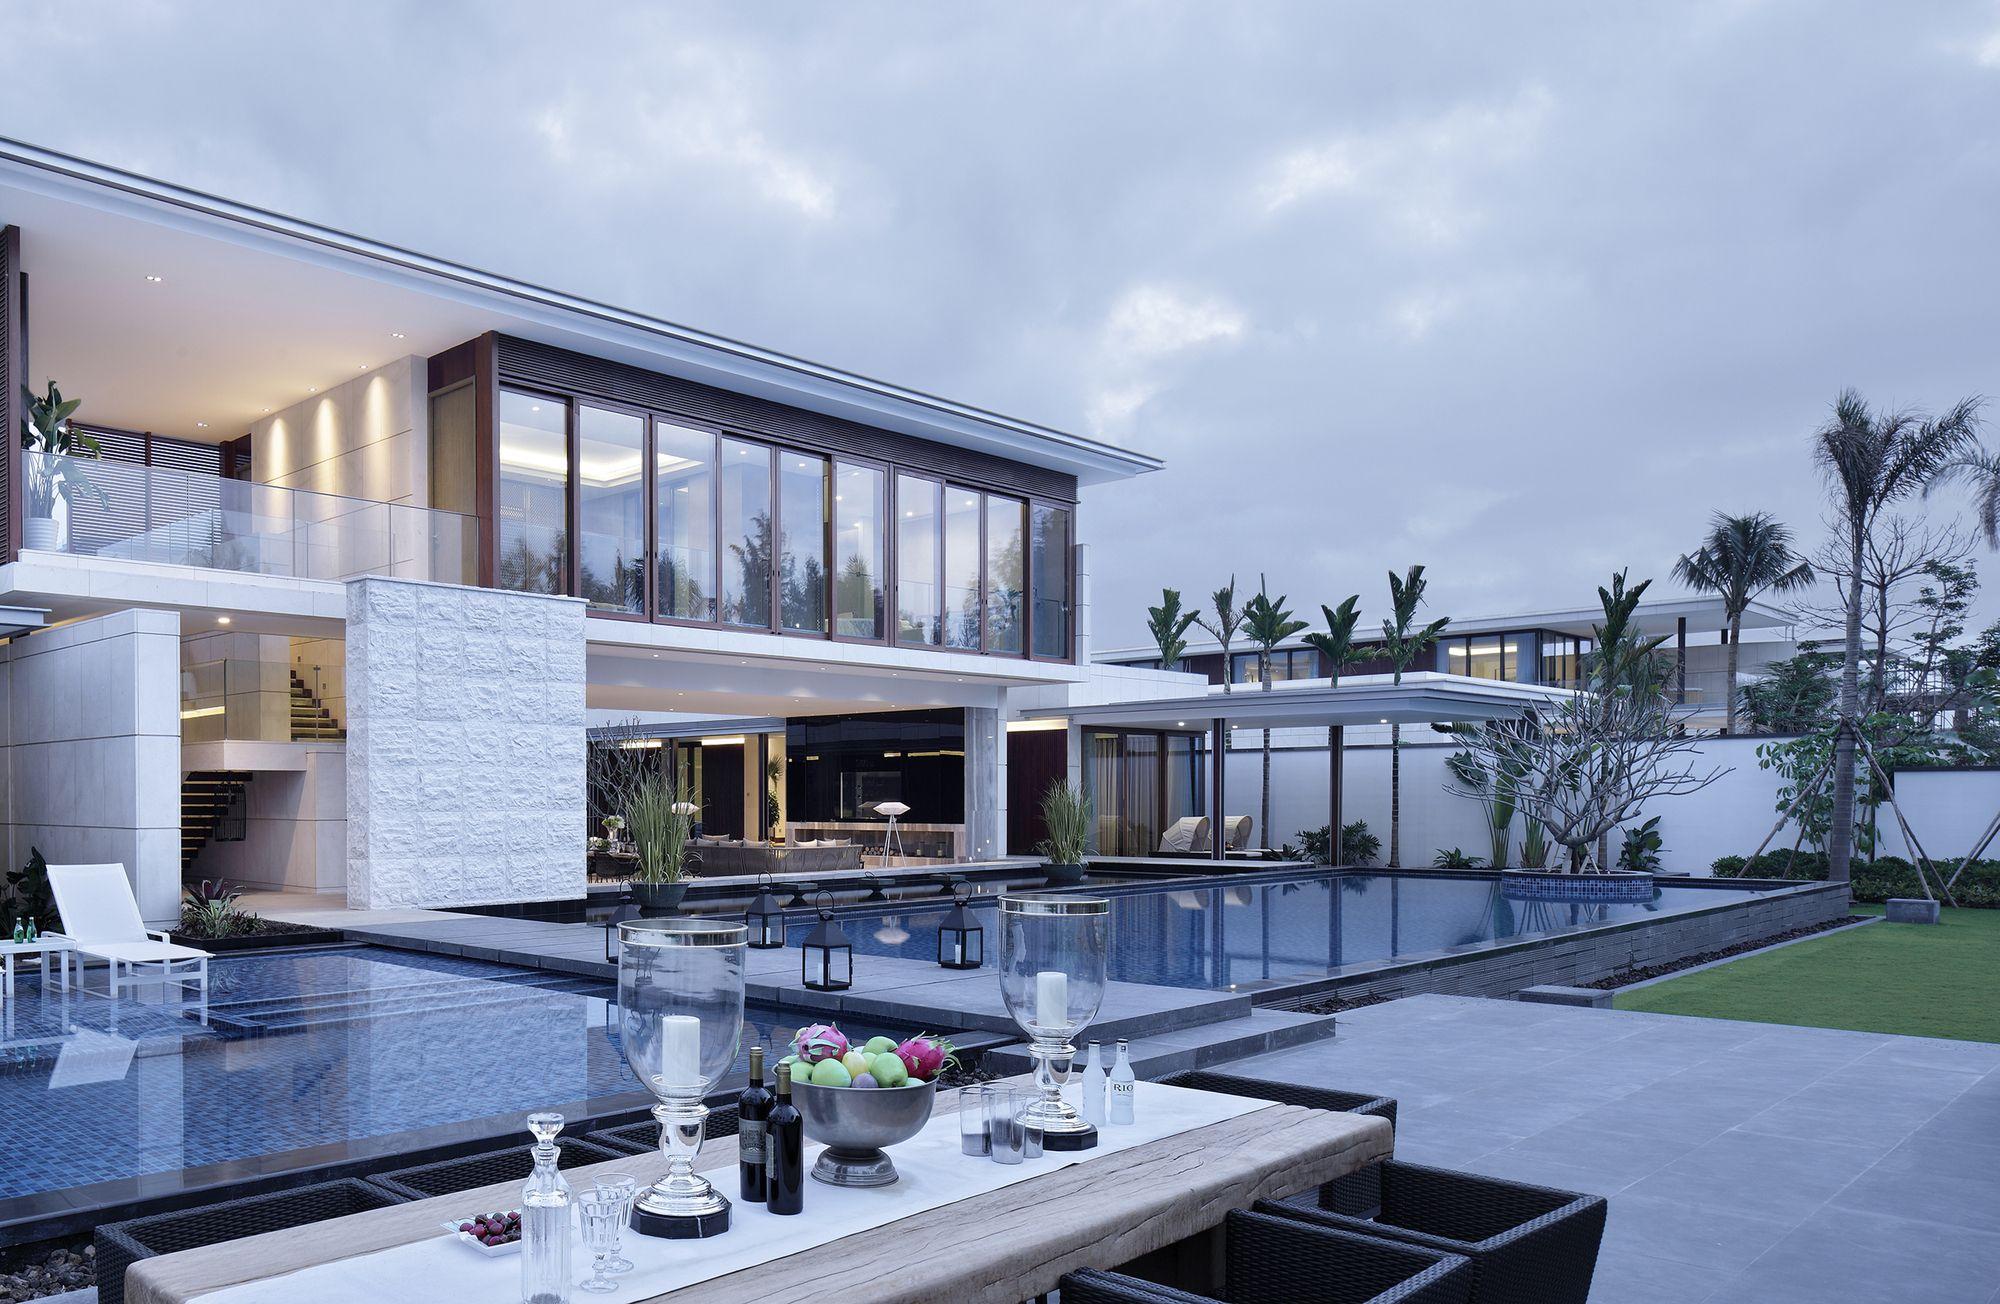 Modern kinesisk villa med lyxiga funktioner designad av Gad